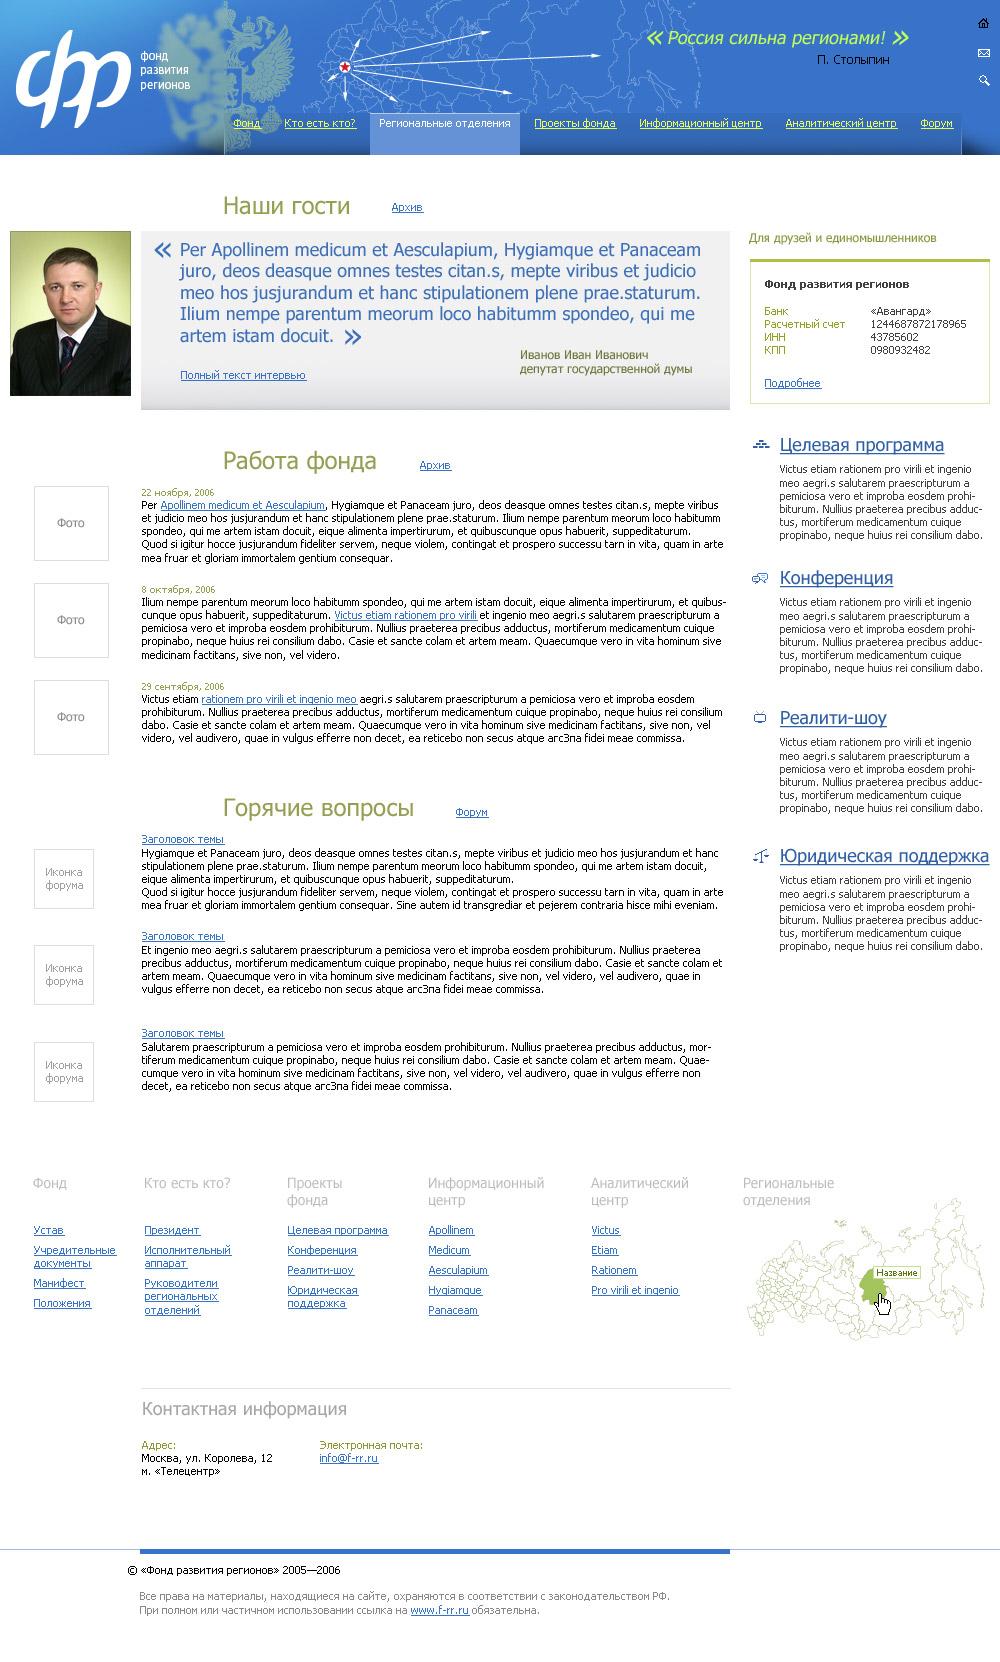 «Фонд развития регионов»